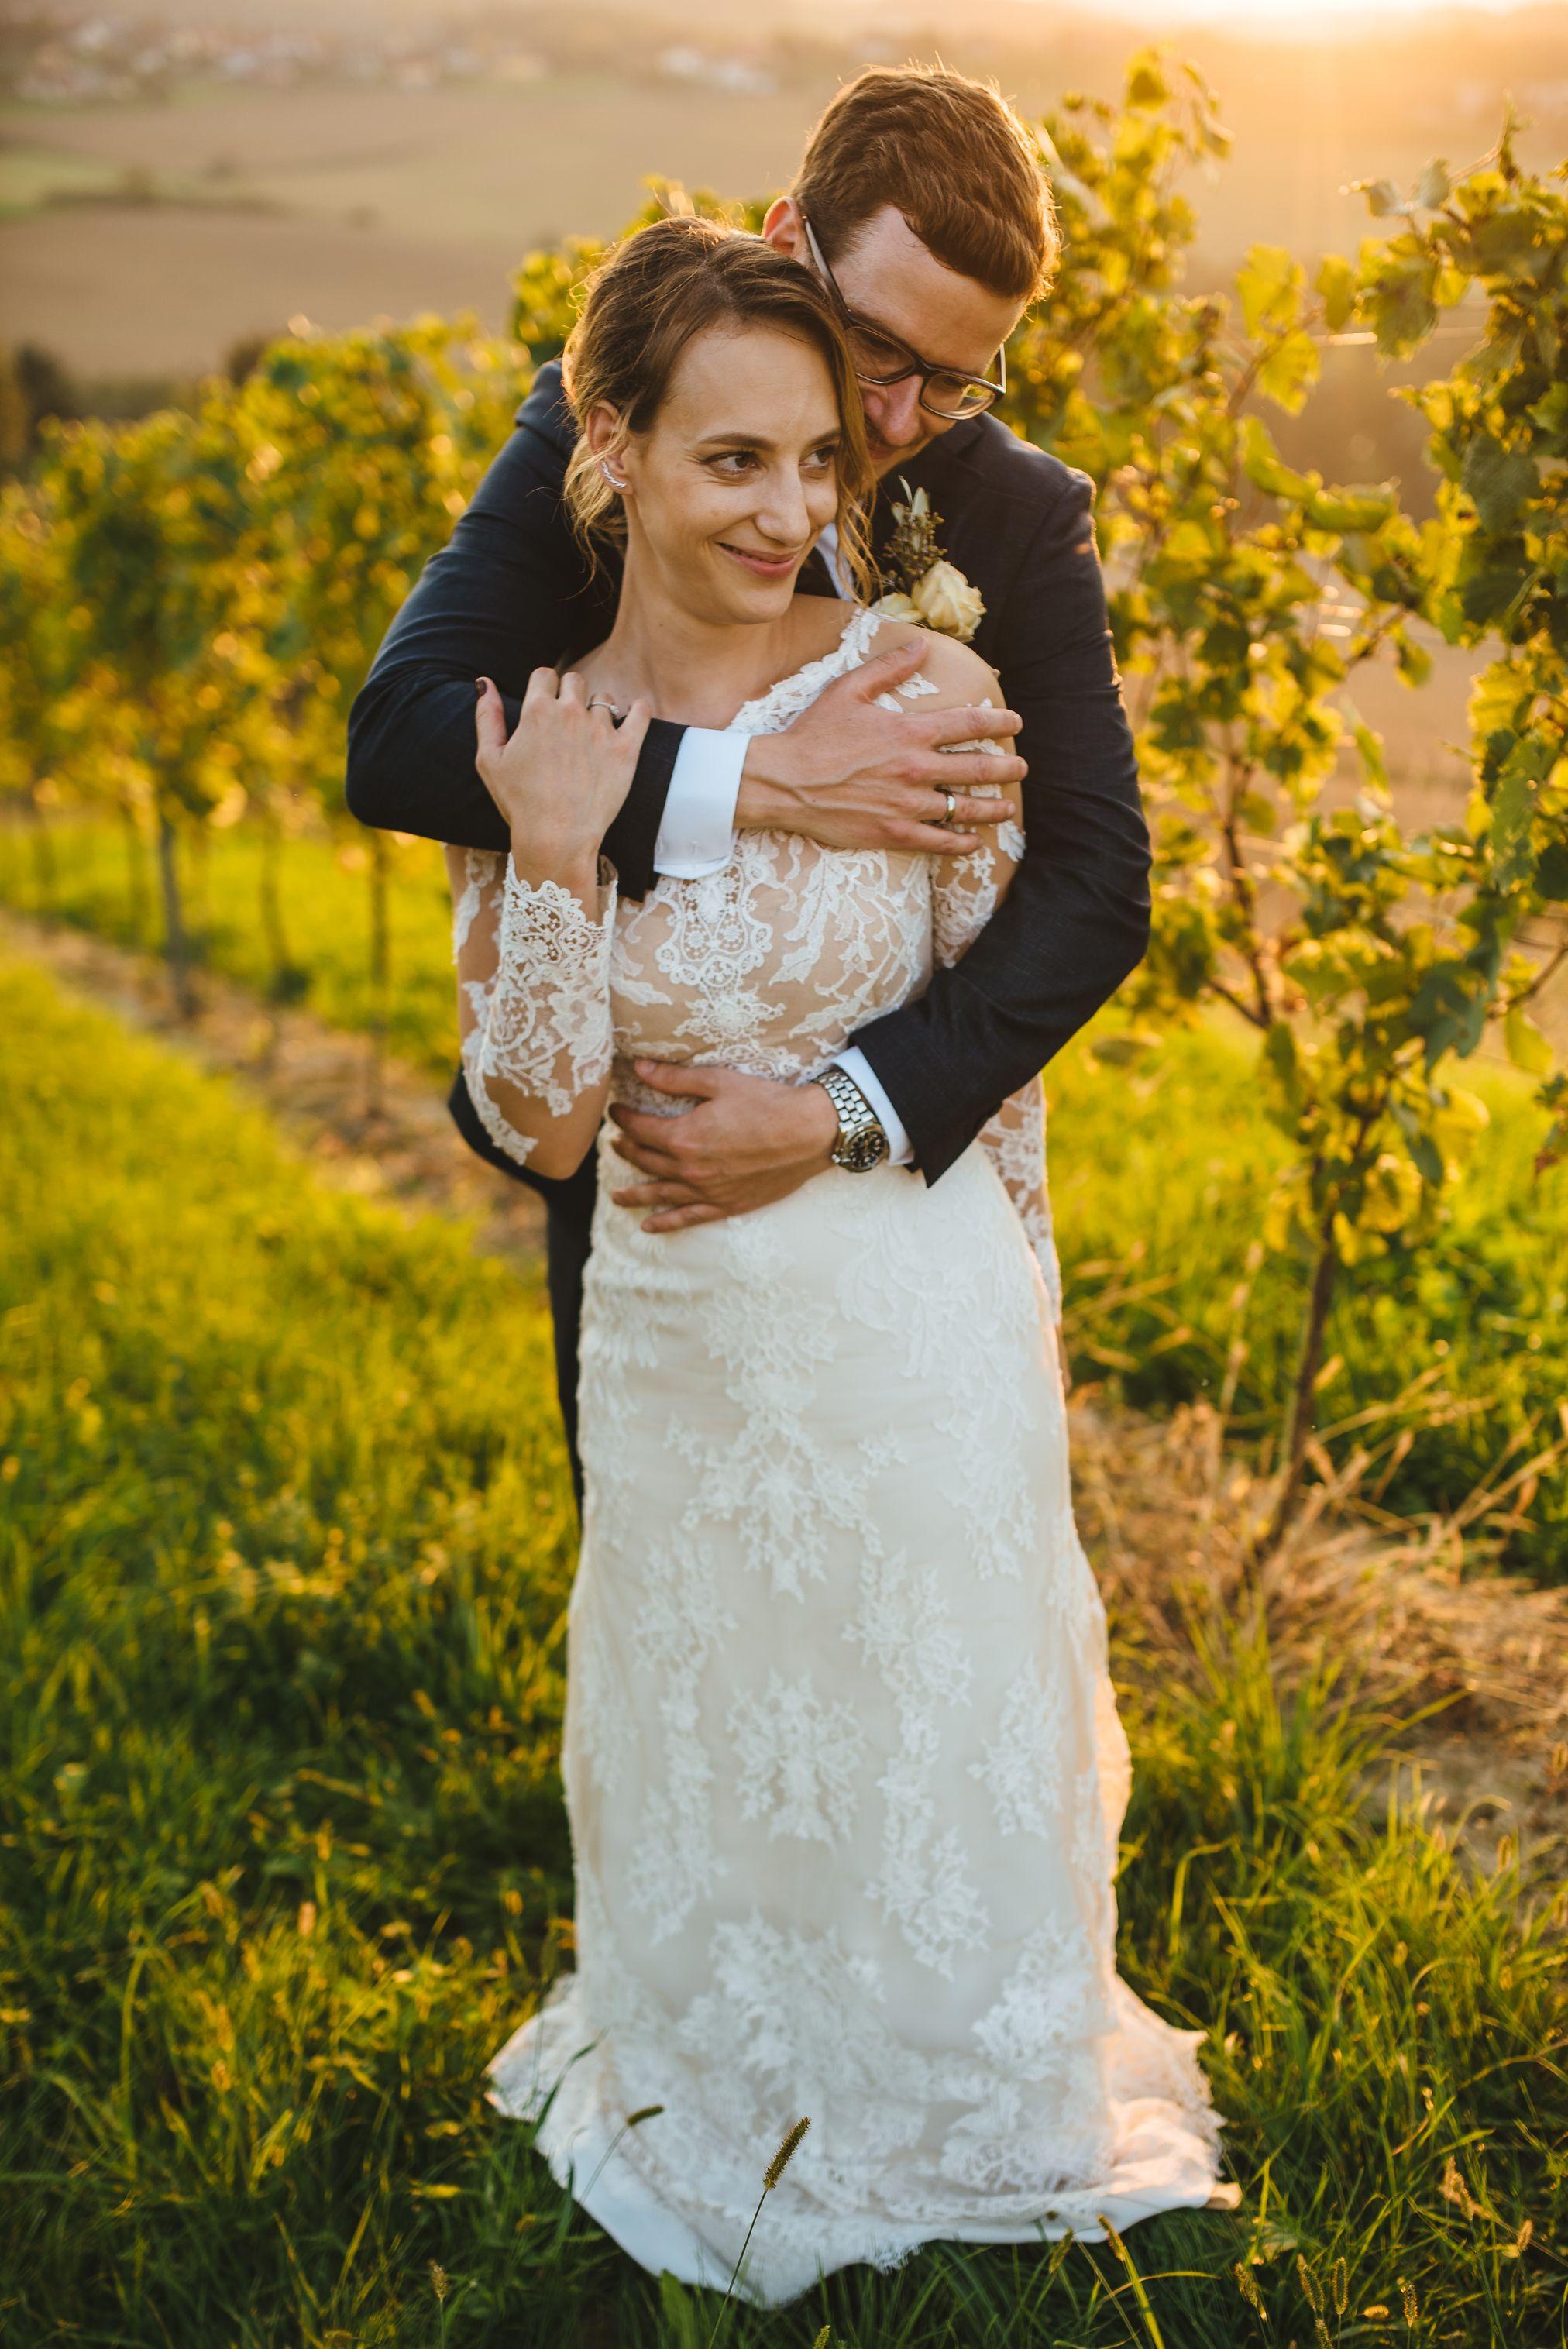 Hochzeit-Loisium-55.jpg